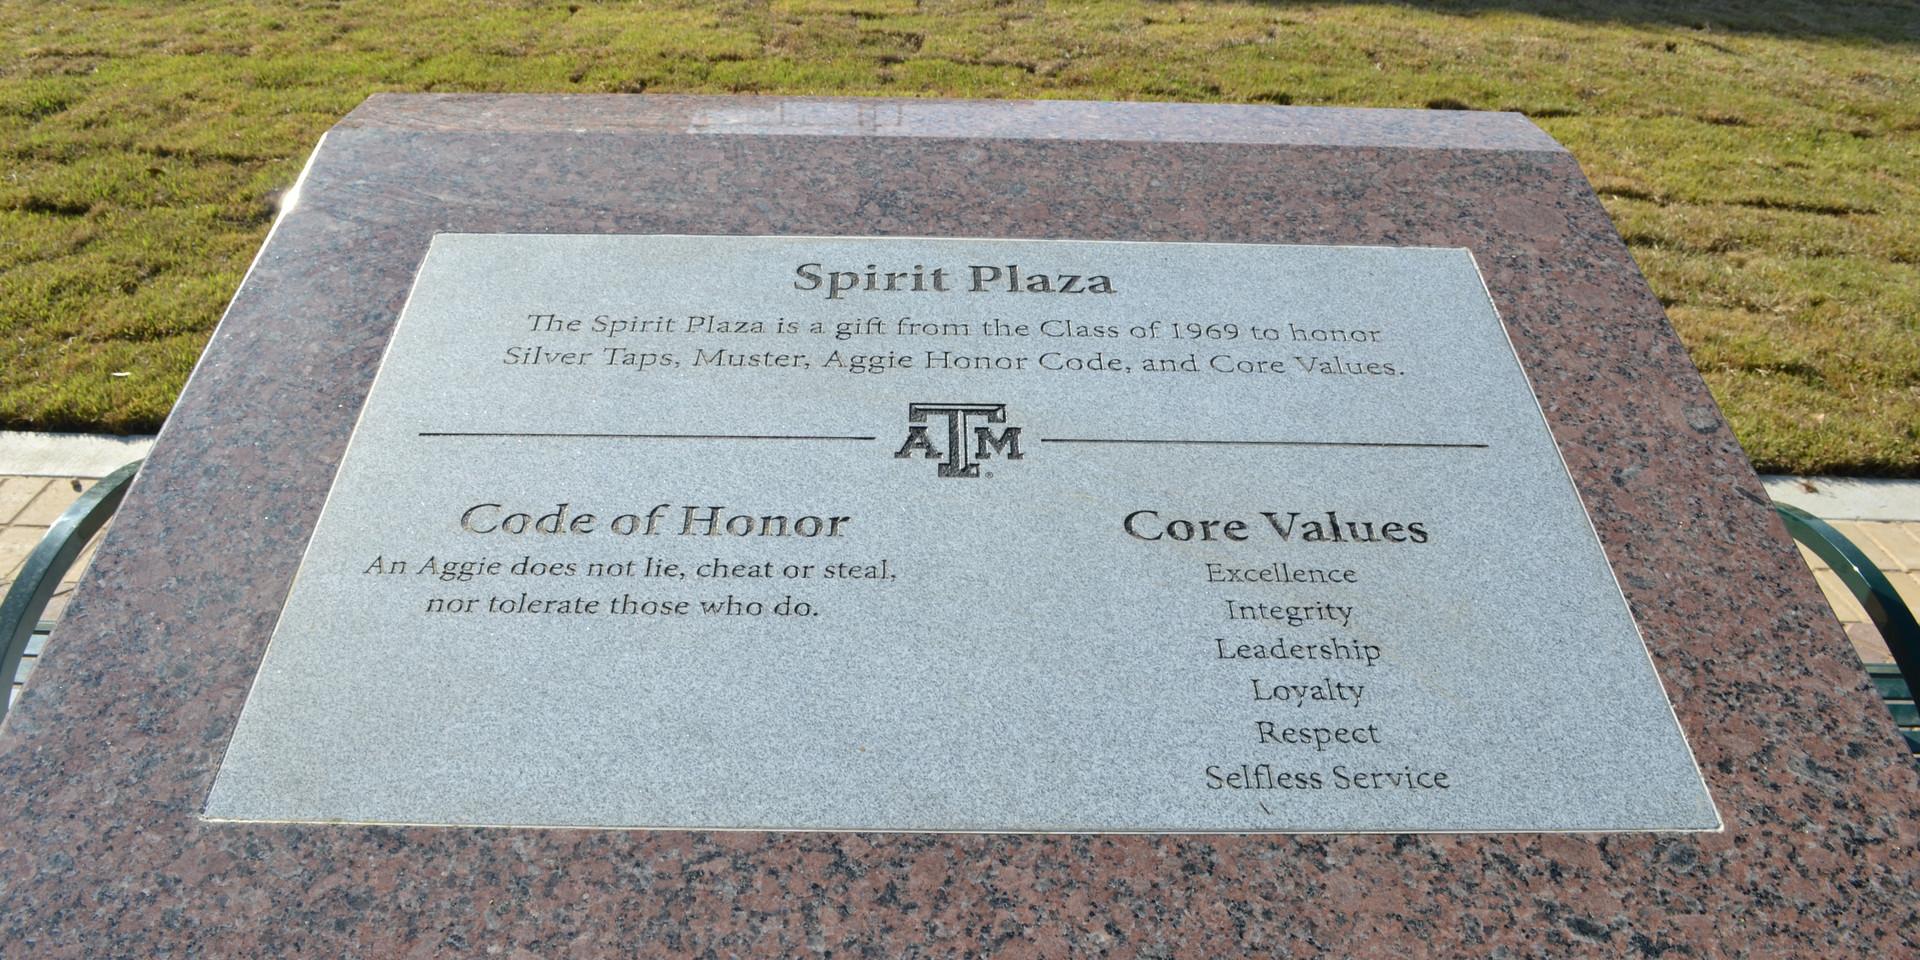 Spirit Plaza